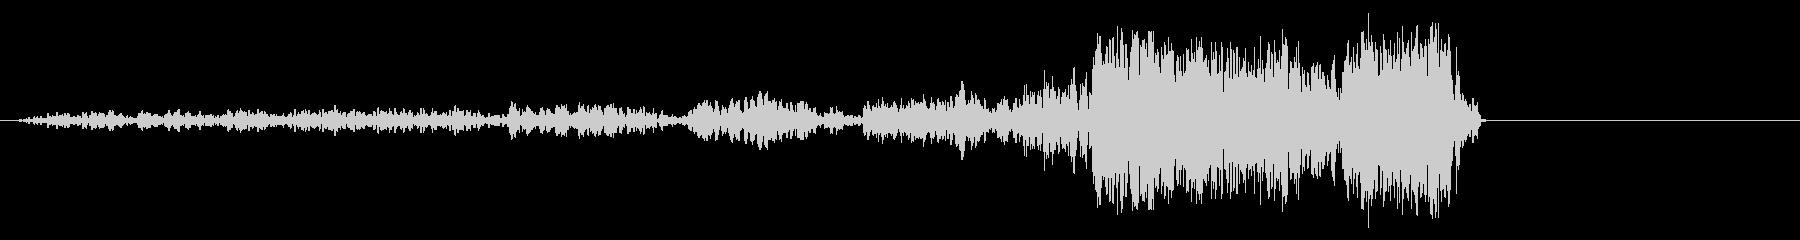 ゴゴゴゴゴカコッ (怪奇な音)の未再生の波形